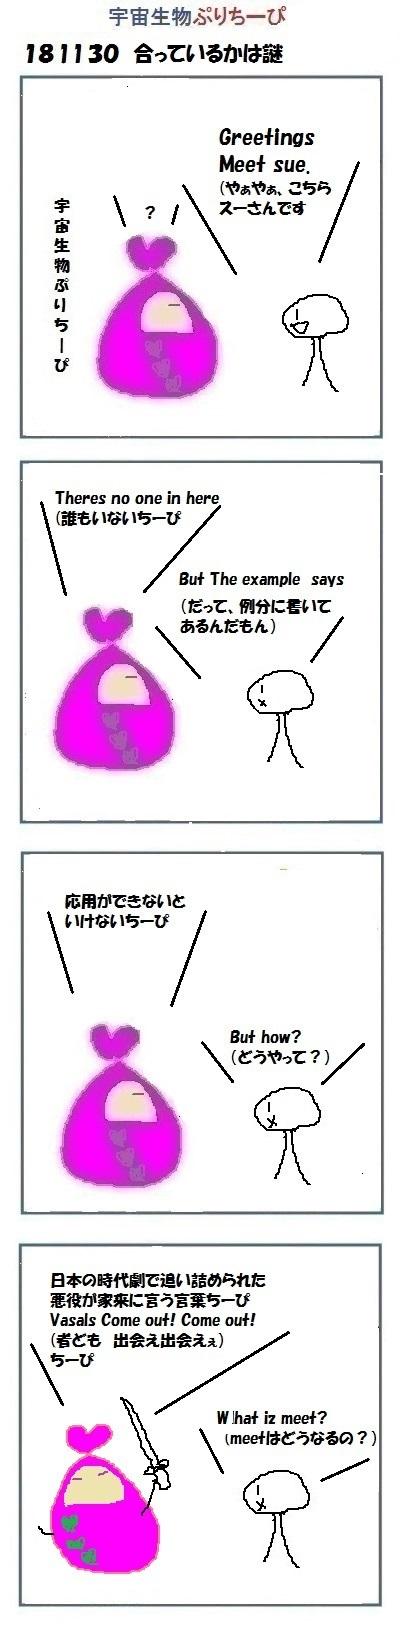 181130pry_e